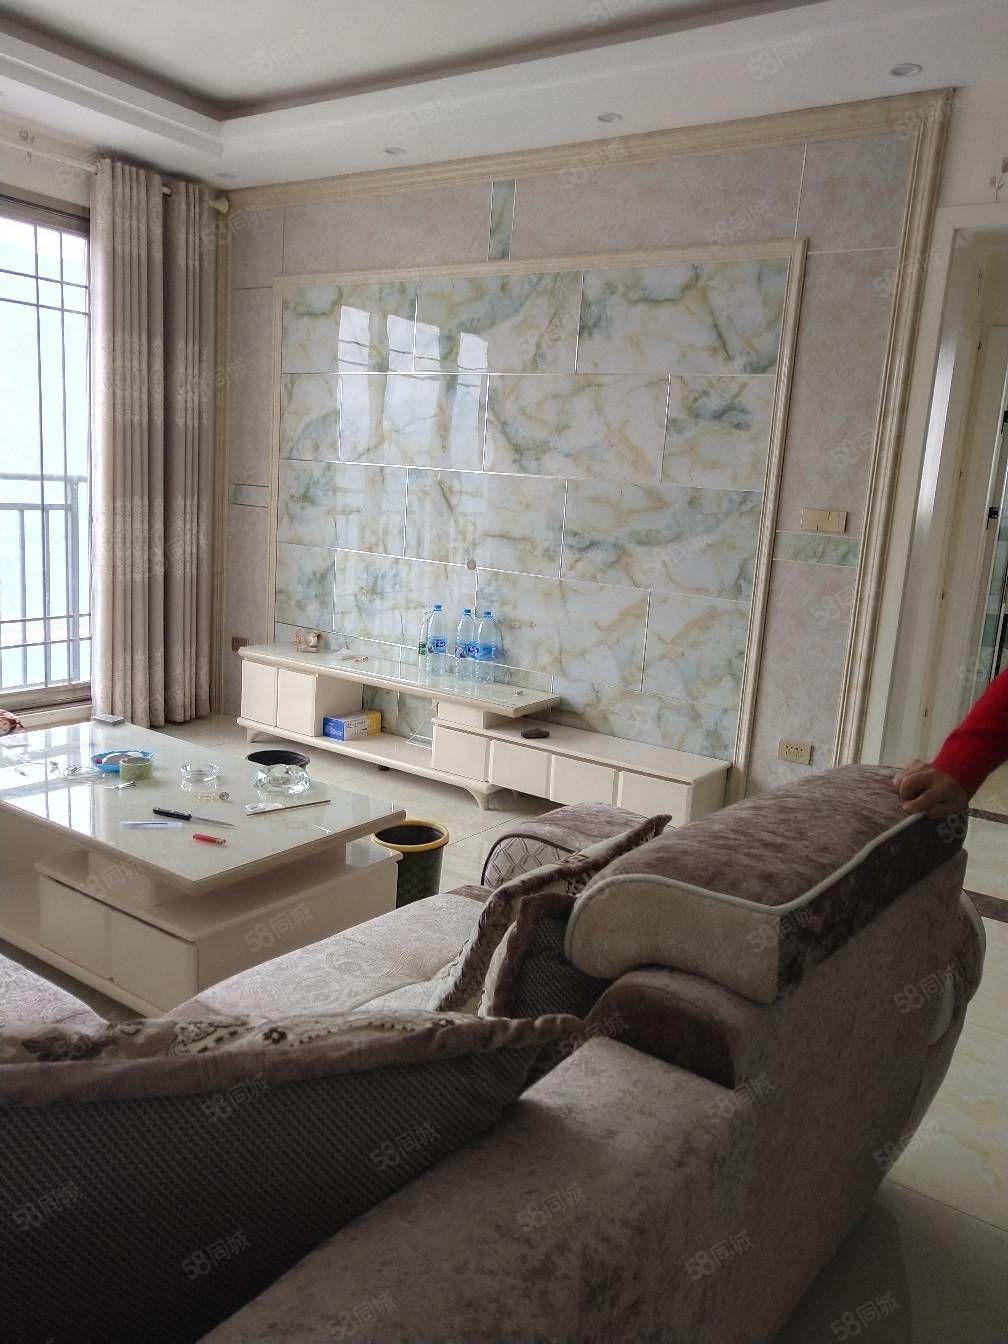 巫峡路电梯房2室2厅精装修好房出售